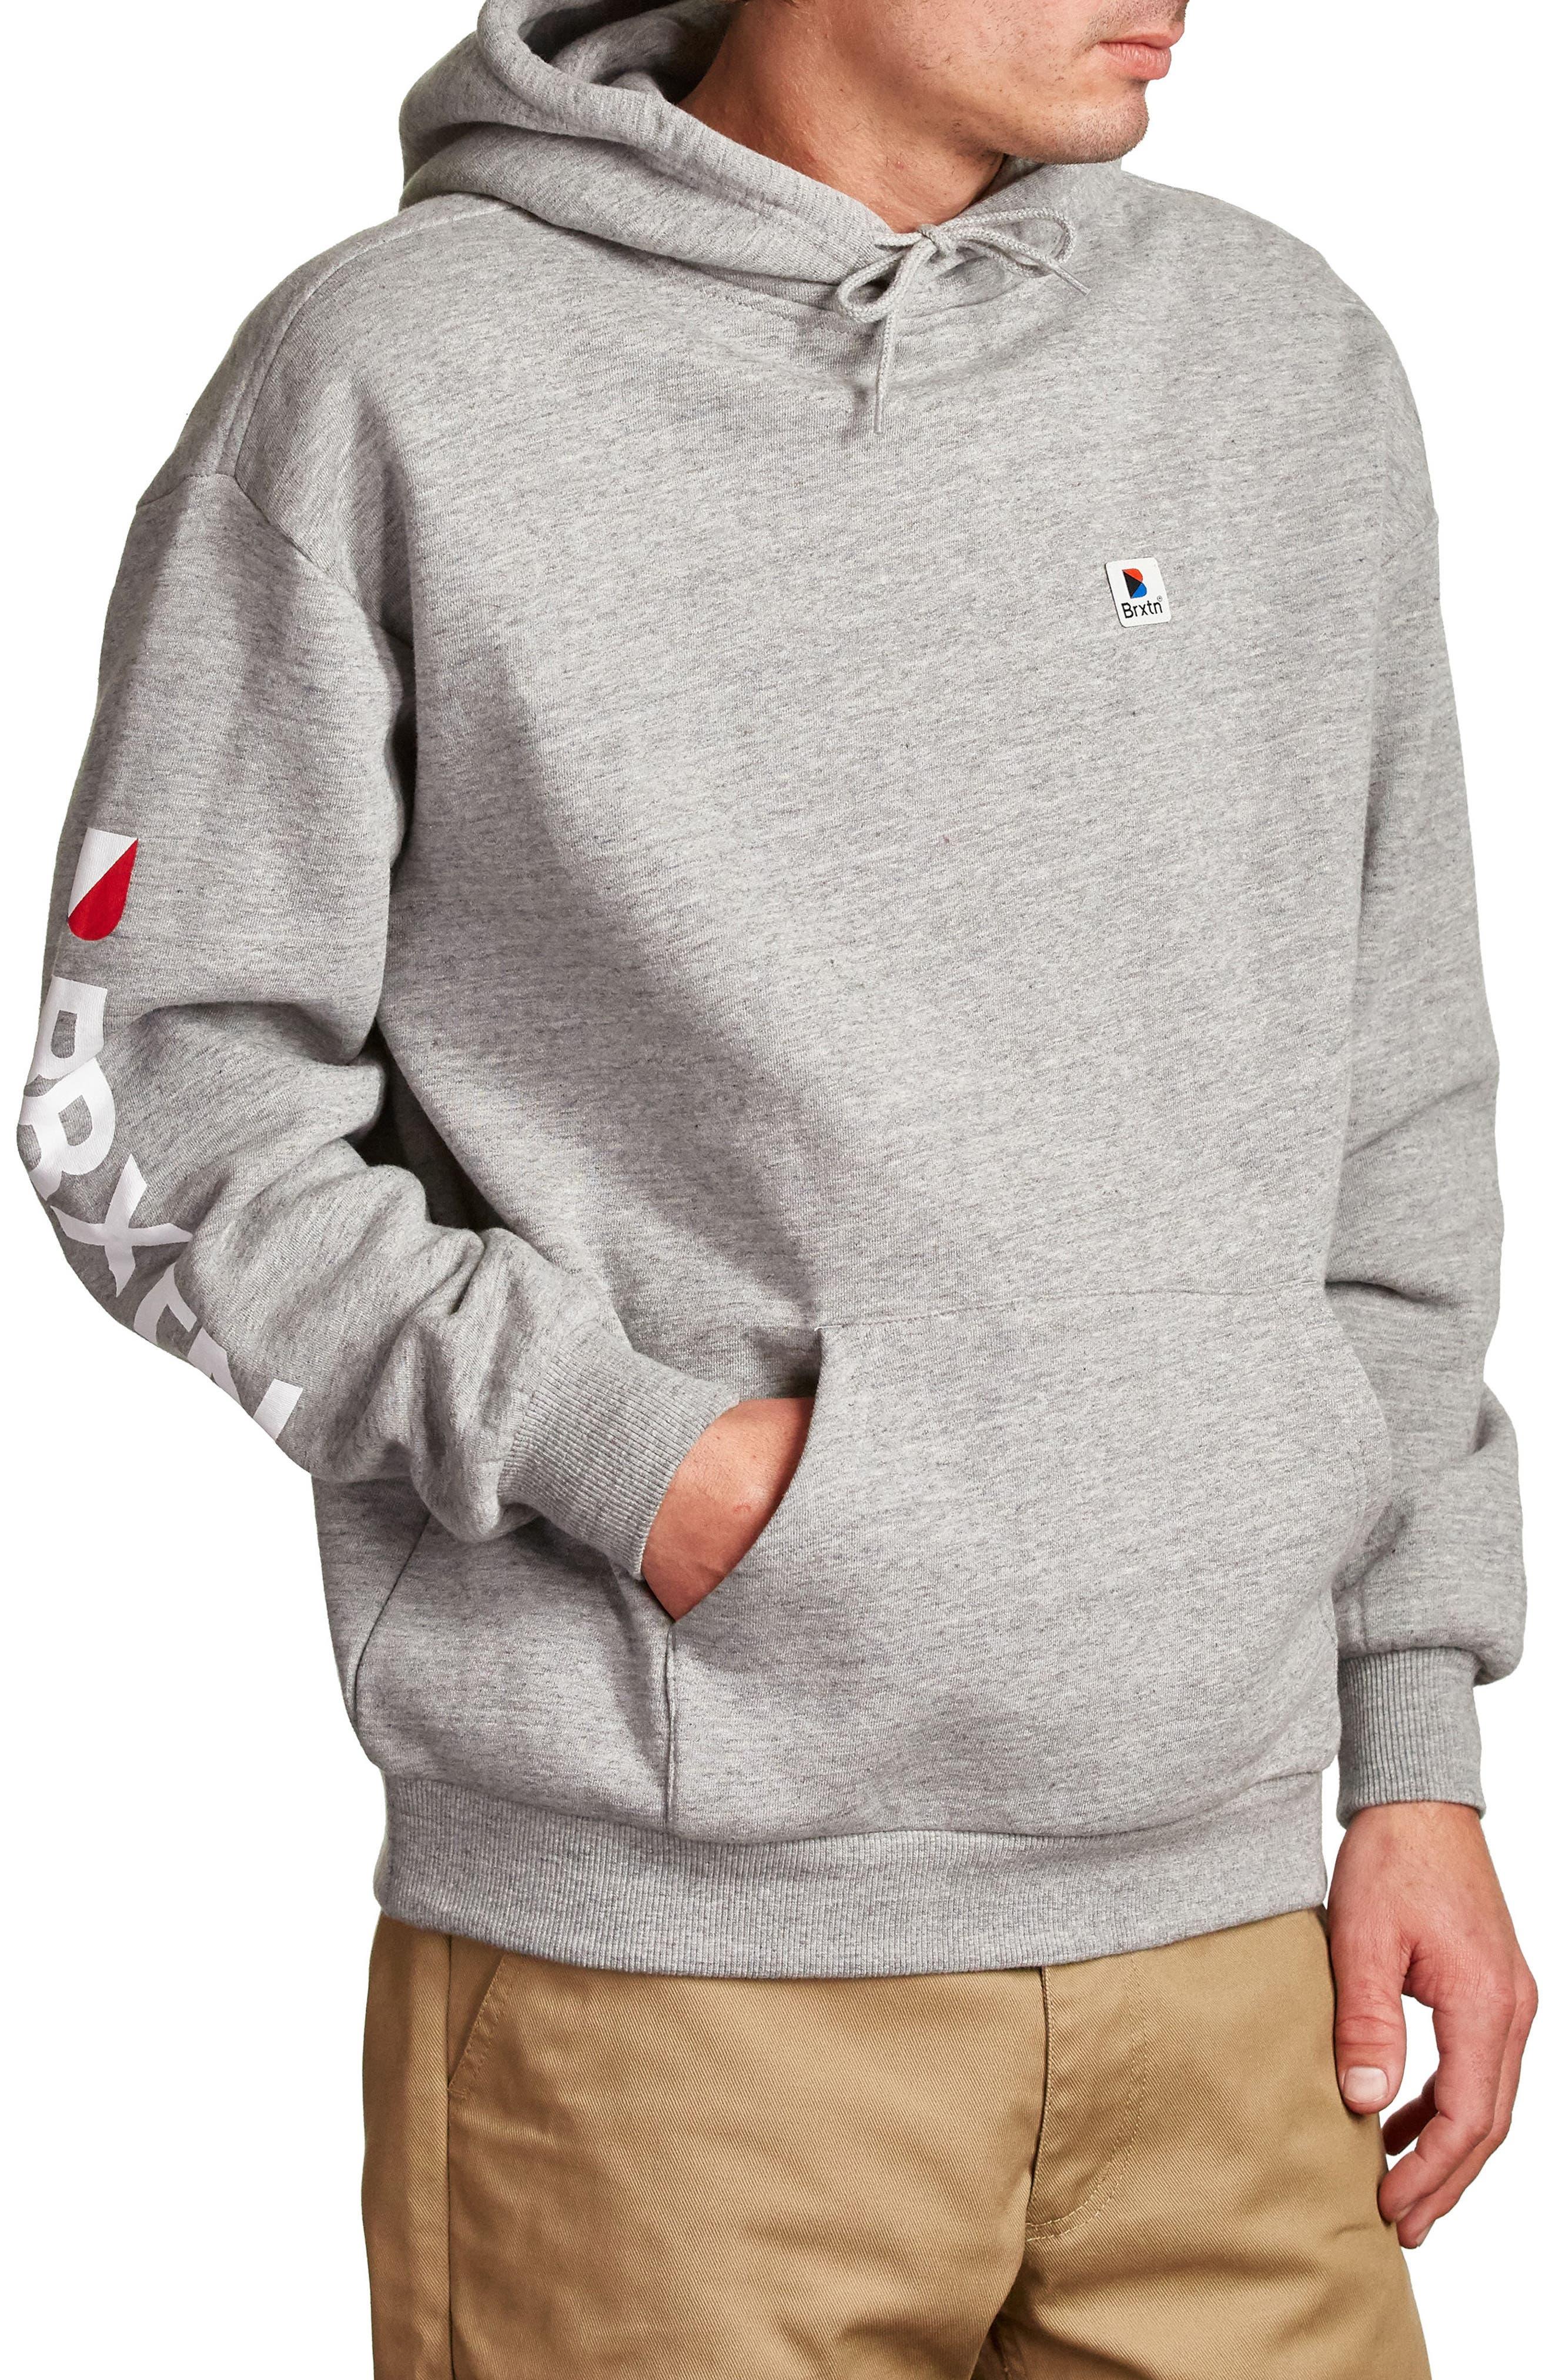 Stowell Hoodie Sweatshirt,                             Alternate thumbnail 3, color,                             Heather Grey